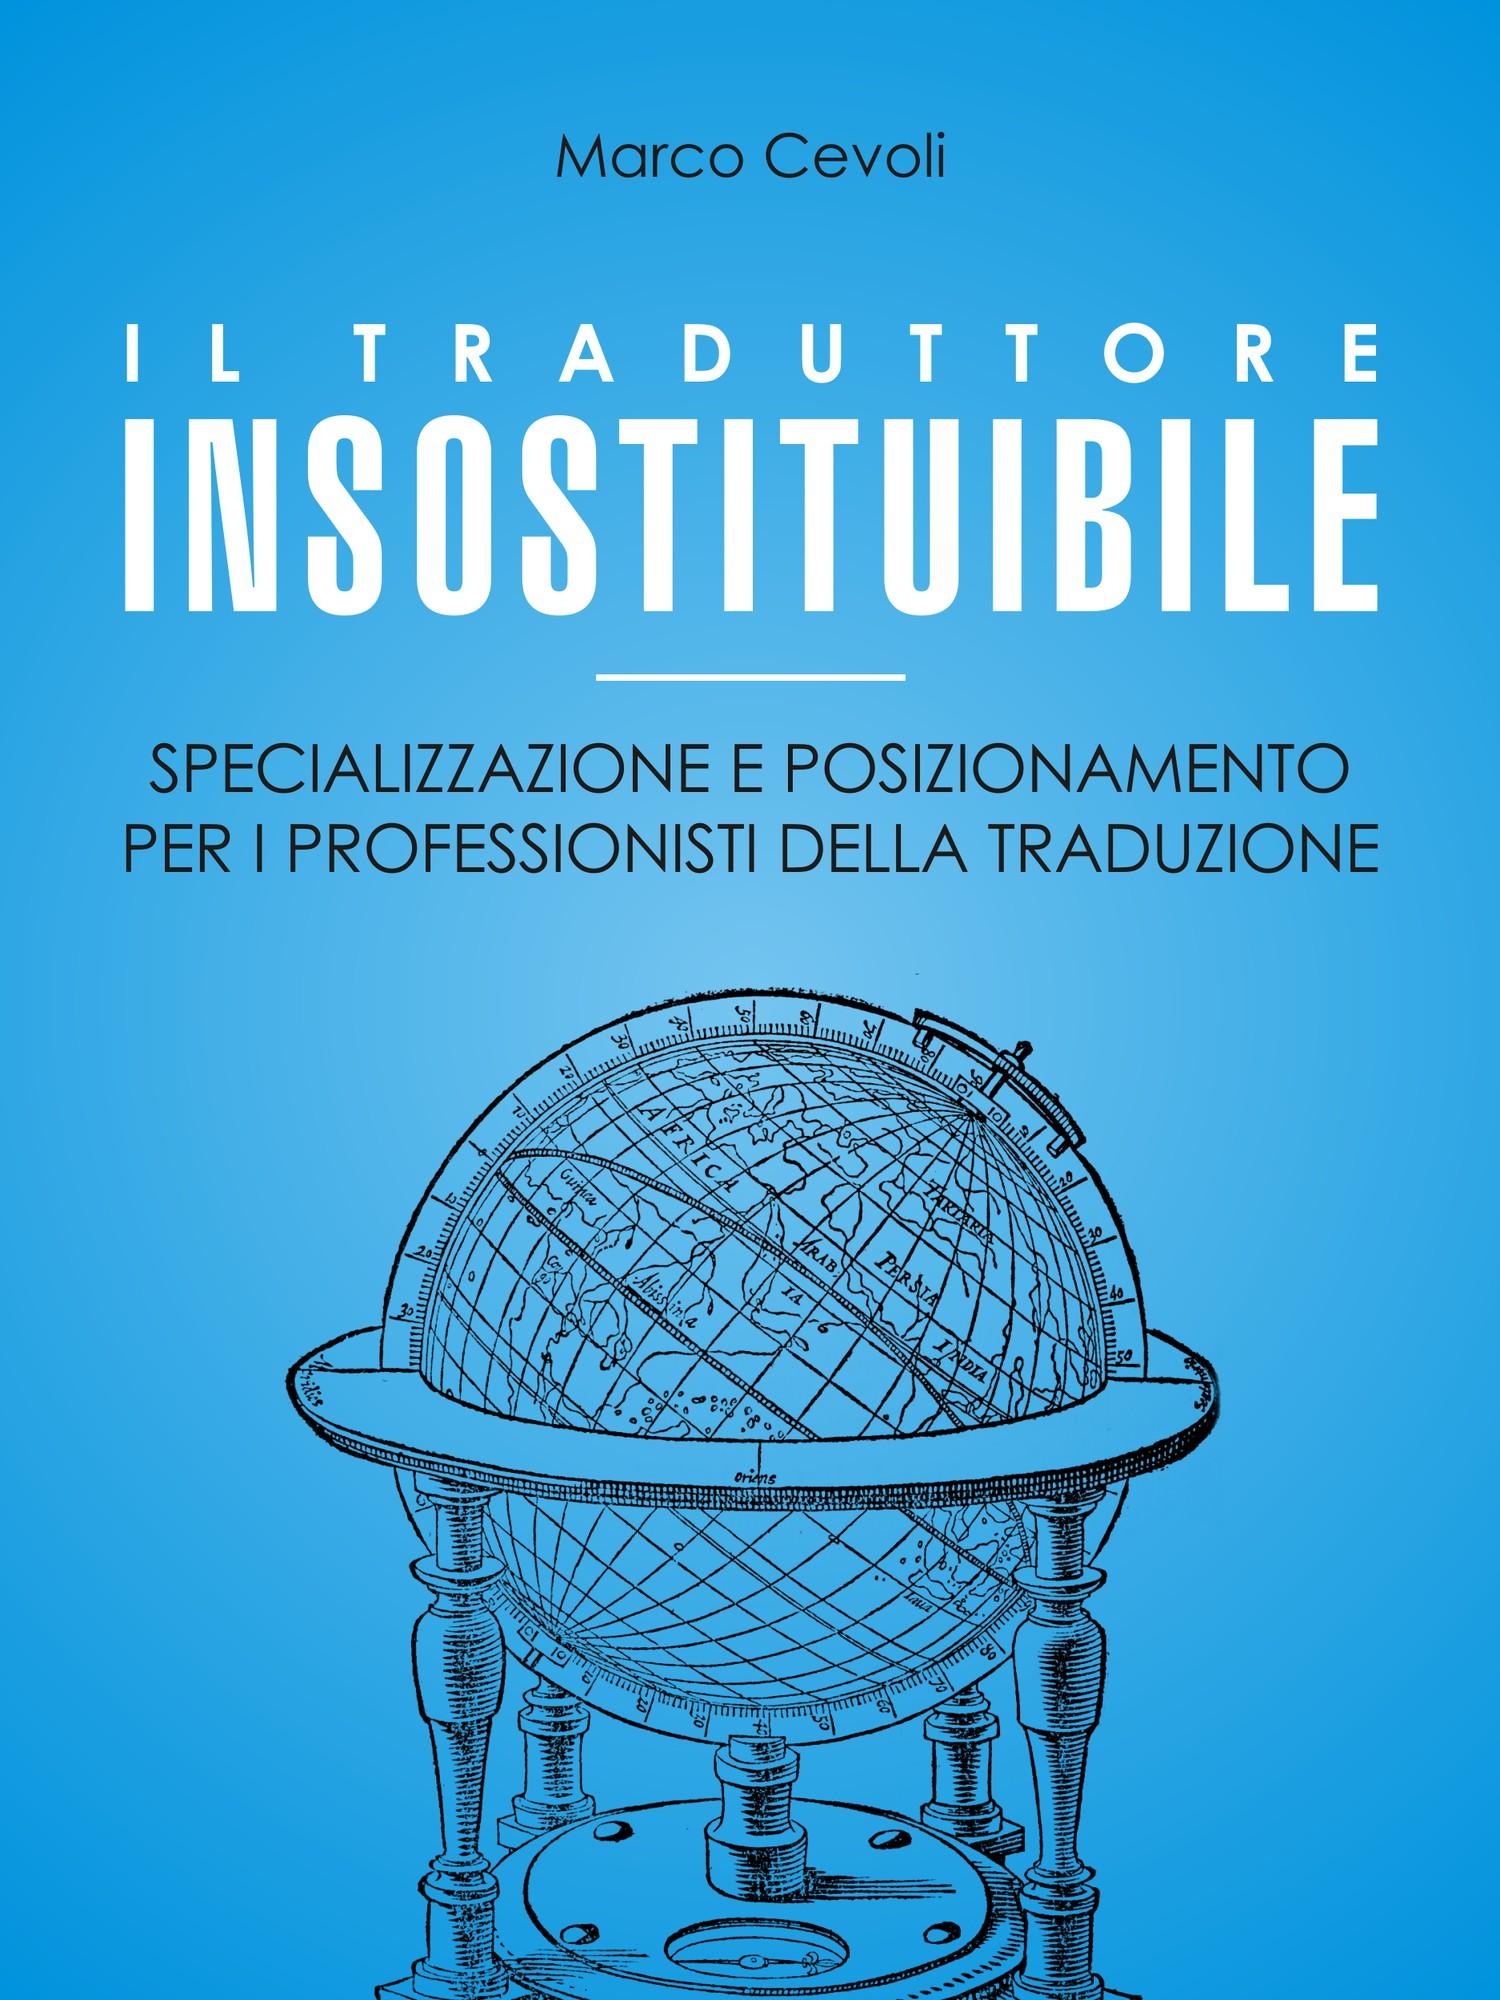 """Nuovo manuale di marketing per traduttori: """"Il traduttore insostituibile - Specializzazione e posizionamento per i professionisti della traduzione""""."""